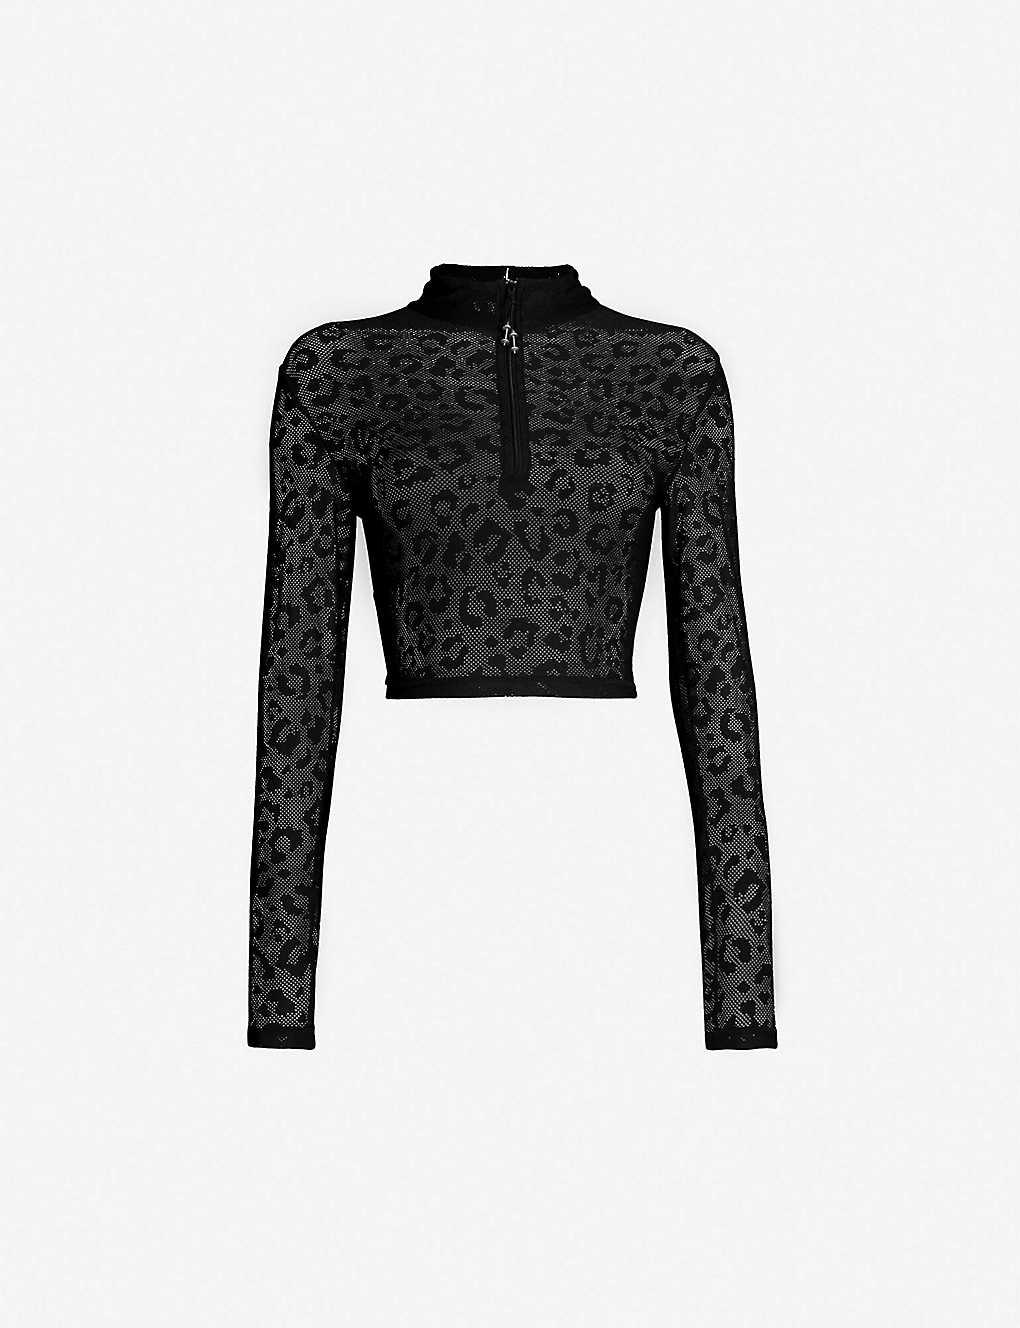 e1ad90c81e1 ADAM SELMAN SPORT - Leopard-pattern stretch-jersey crop top ...